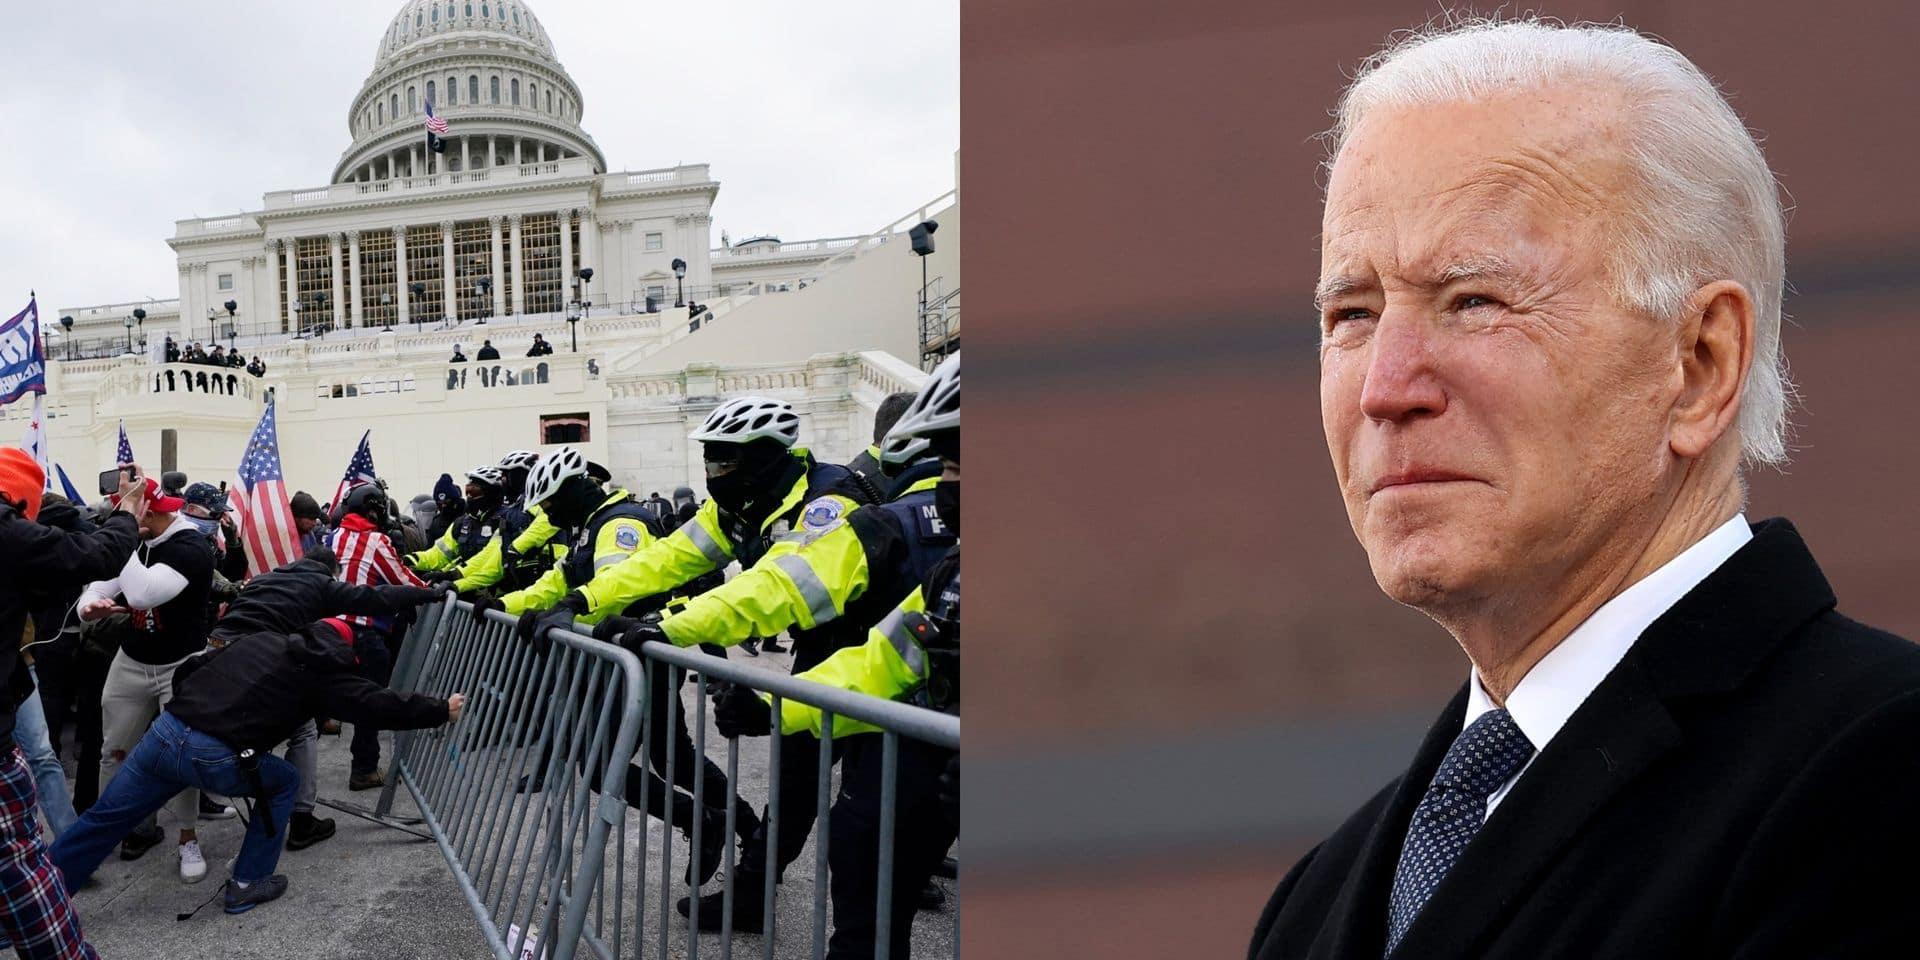 Des éléments isolés dans les forces armées pourraient-ils se retourner contre Biden ? La crainte d'une attaque monopolise les médias américains